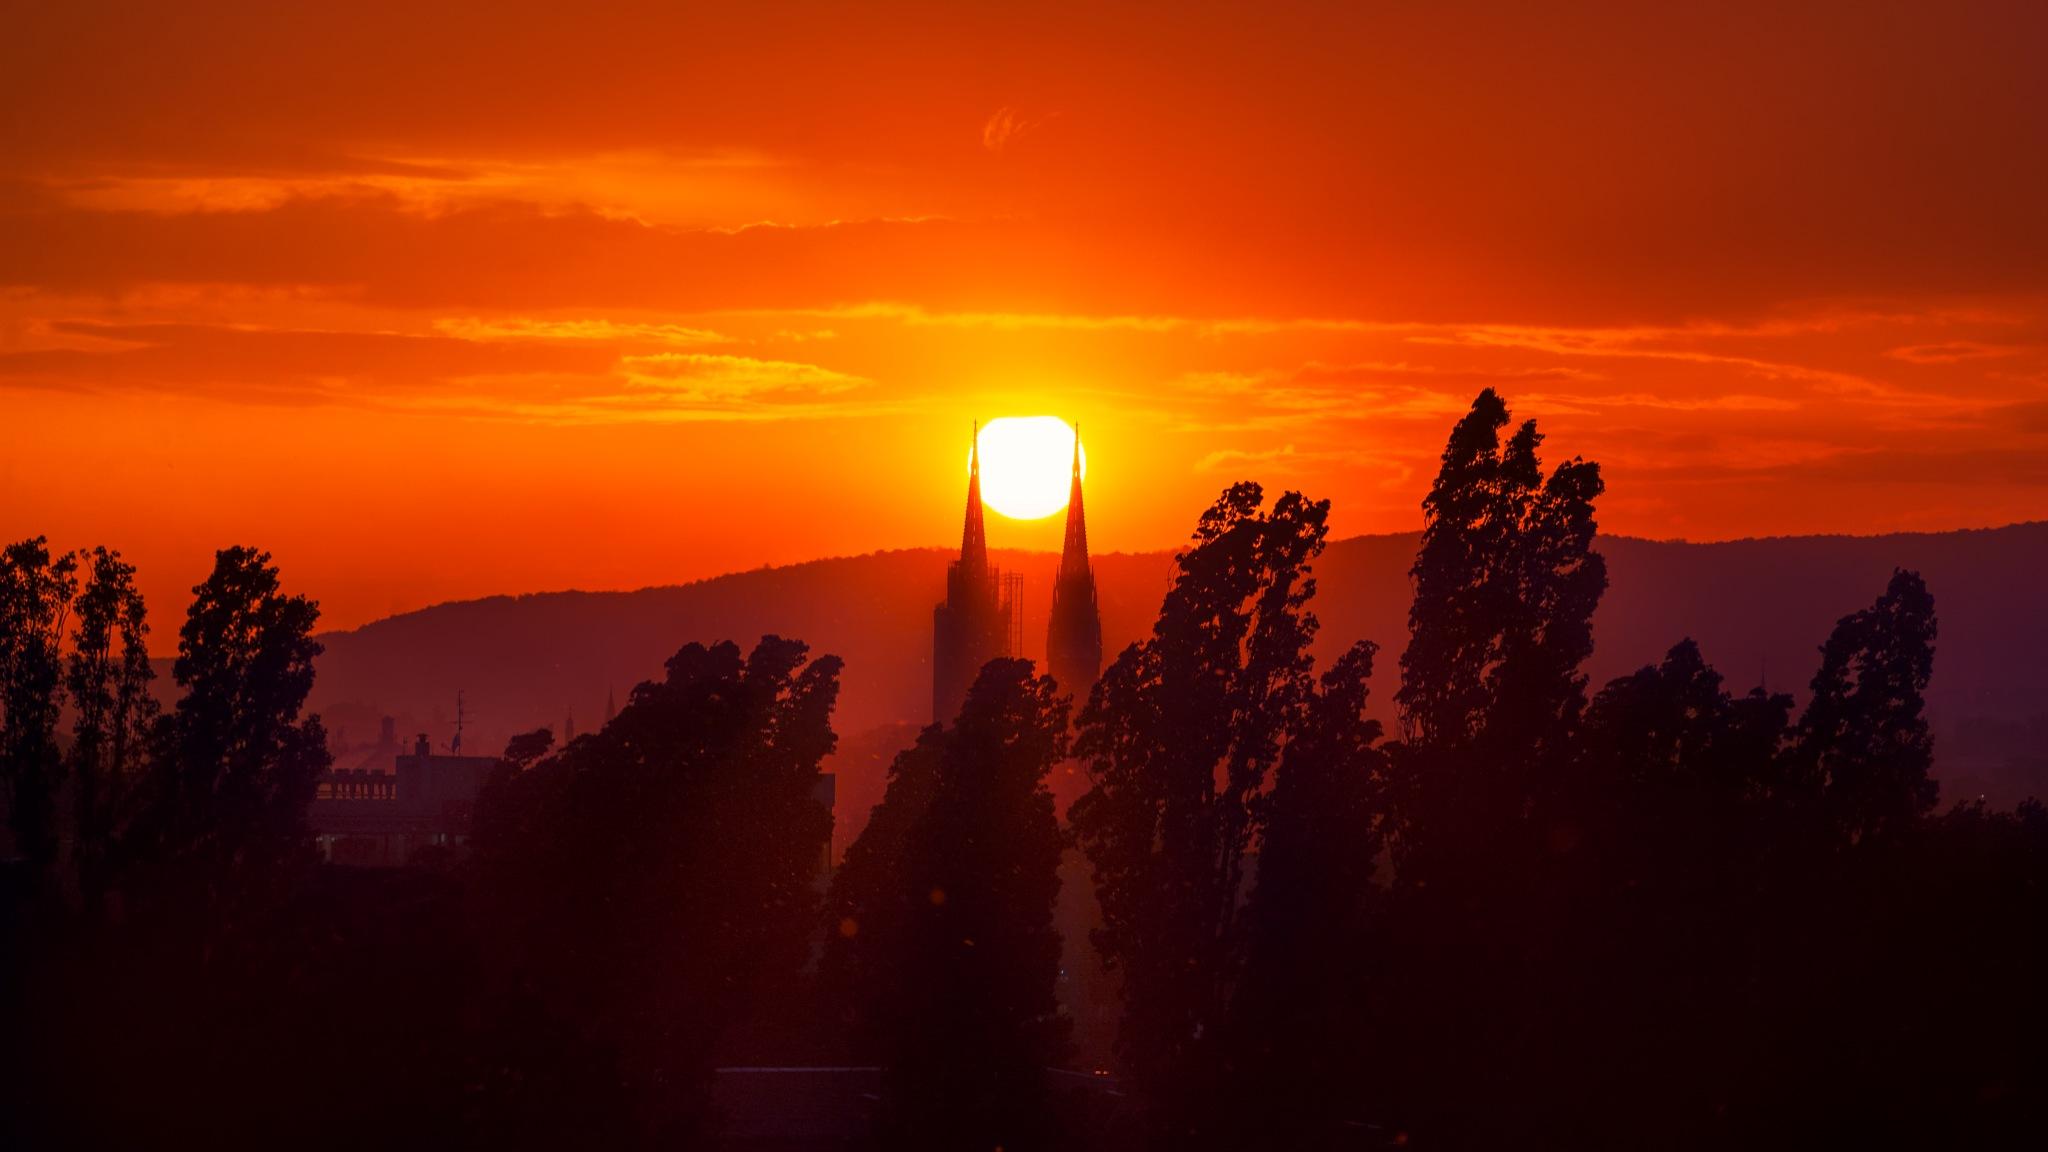 Sunset between belfries by IvanVucetic